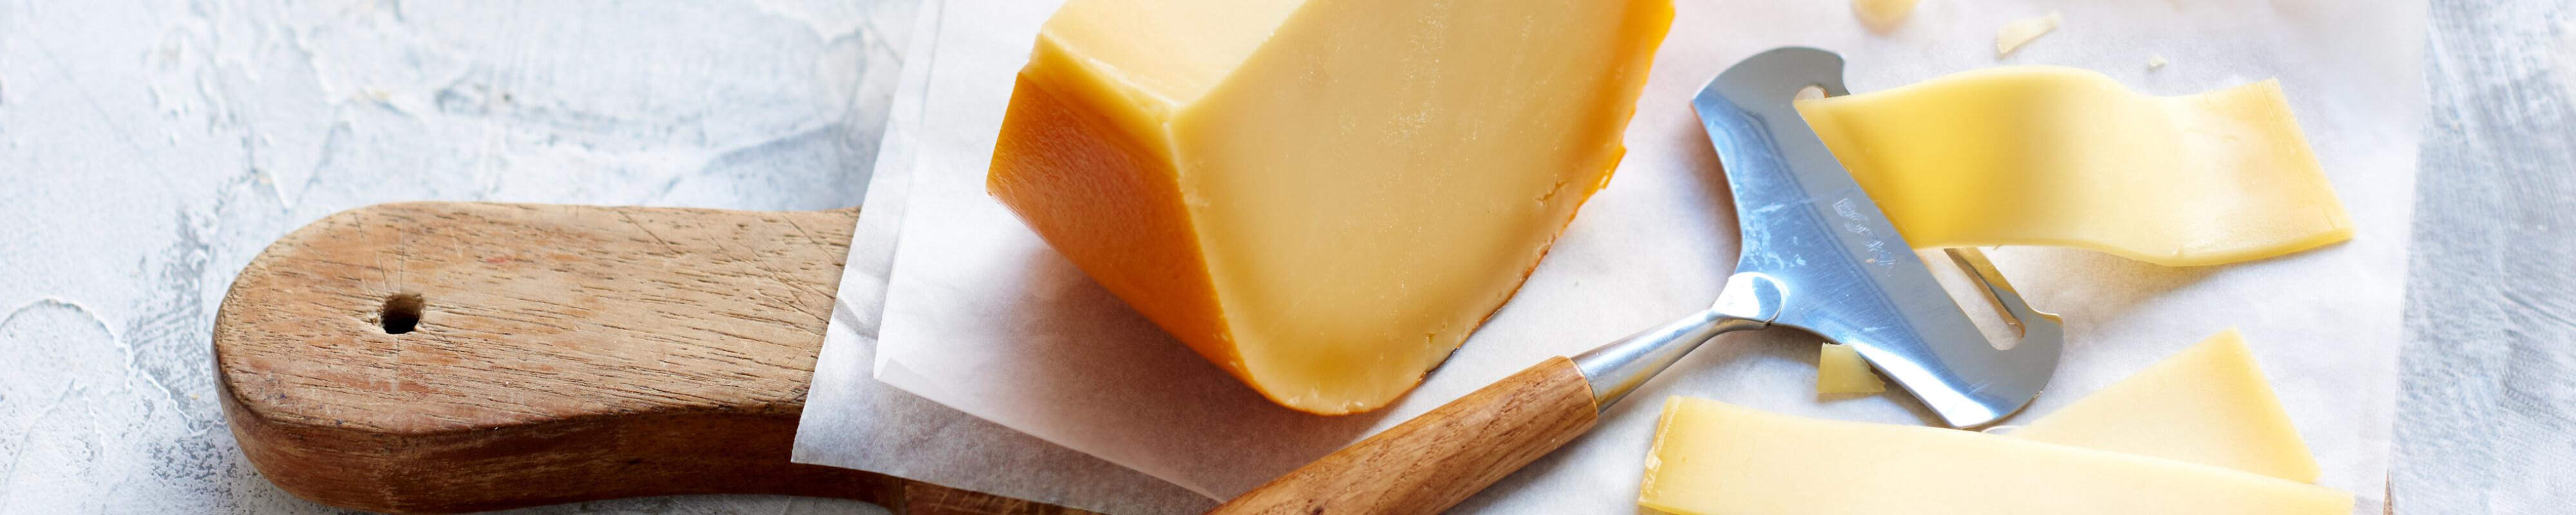 Kaasschaaf met plakje kaas